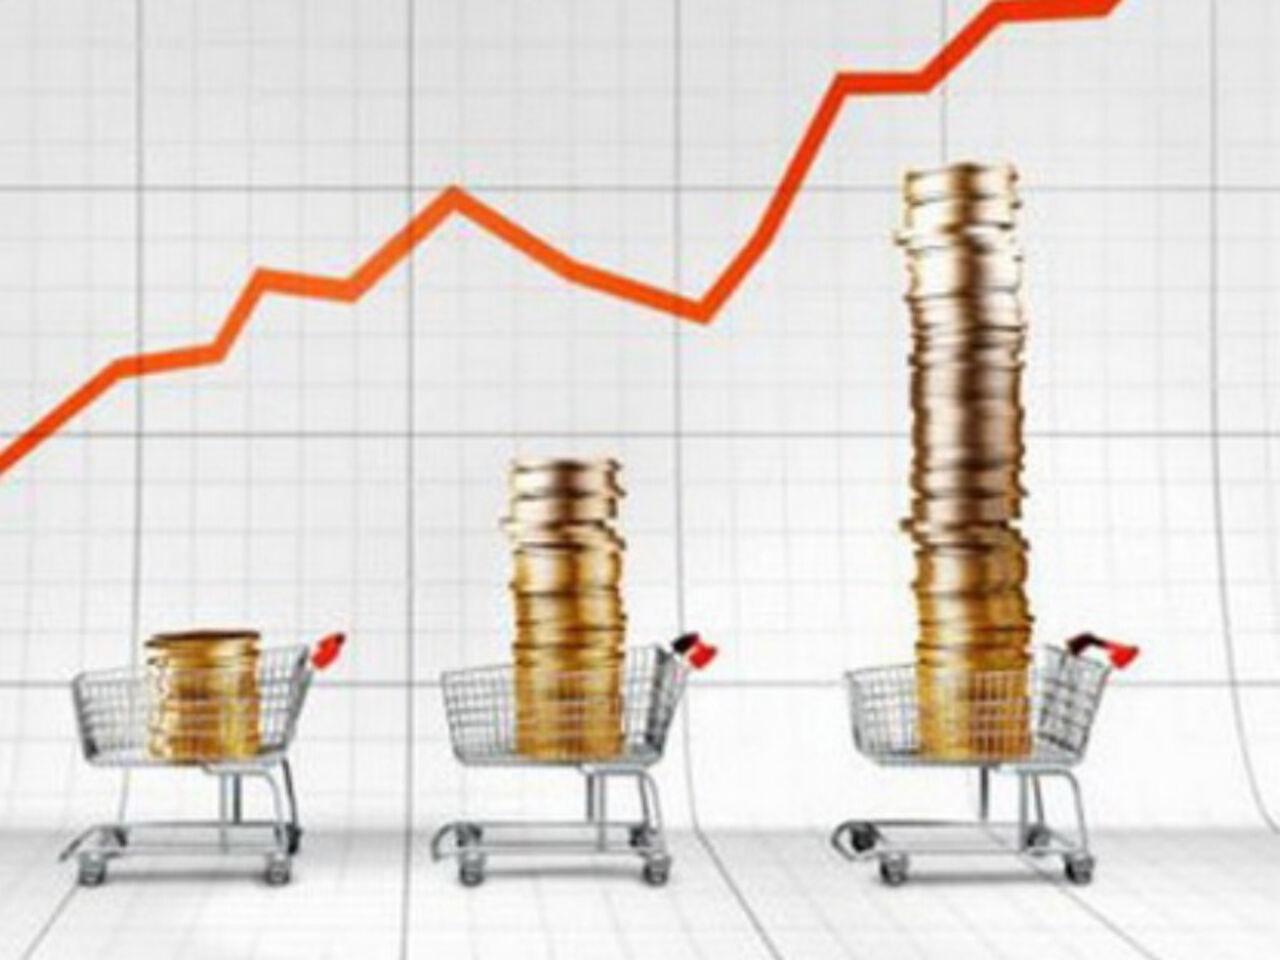 Инфляция в России опустилась до нуля